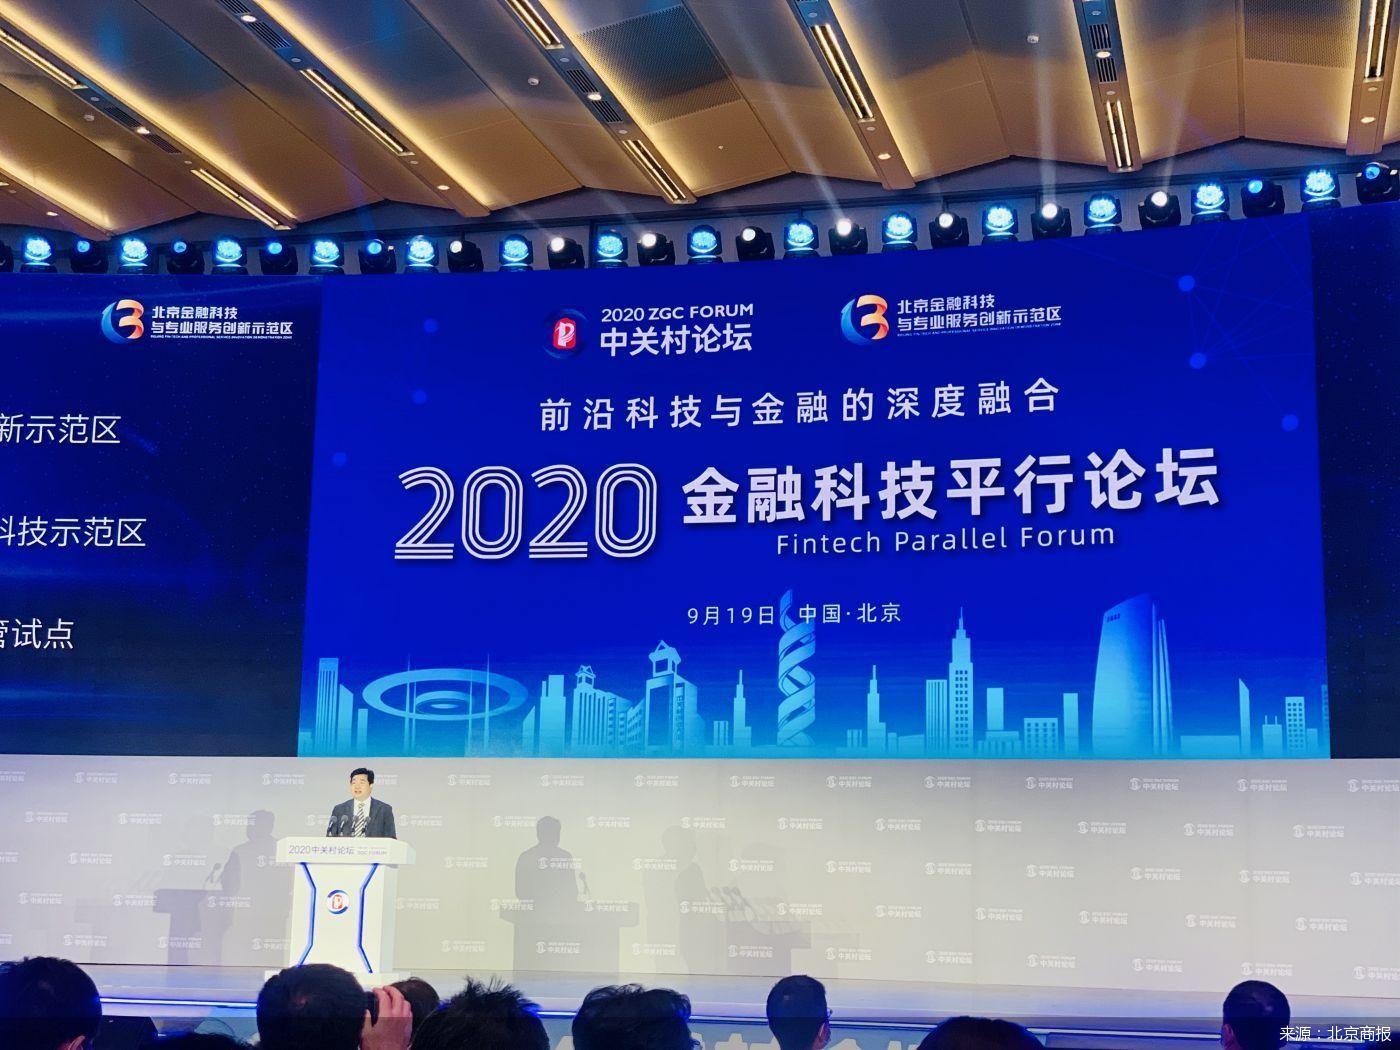 北京金科新区三年行动计划公布:年均引进不少于20家金融科技头部机构